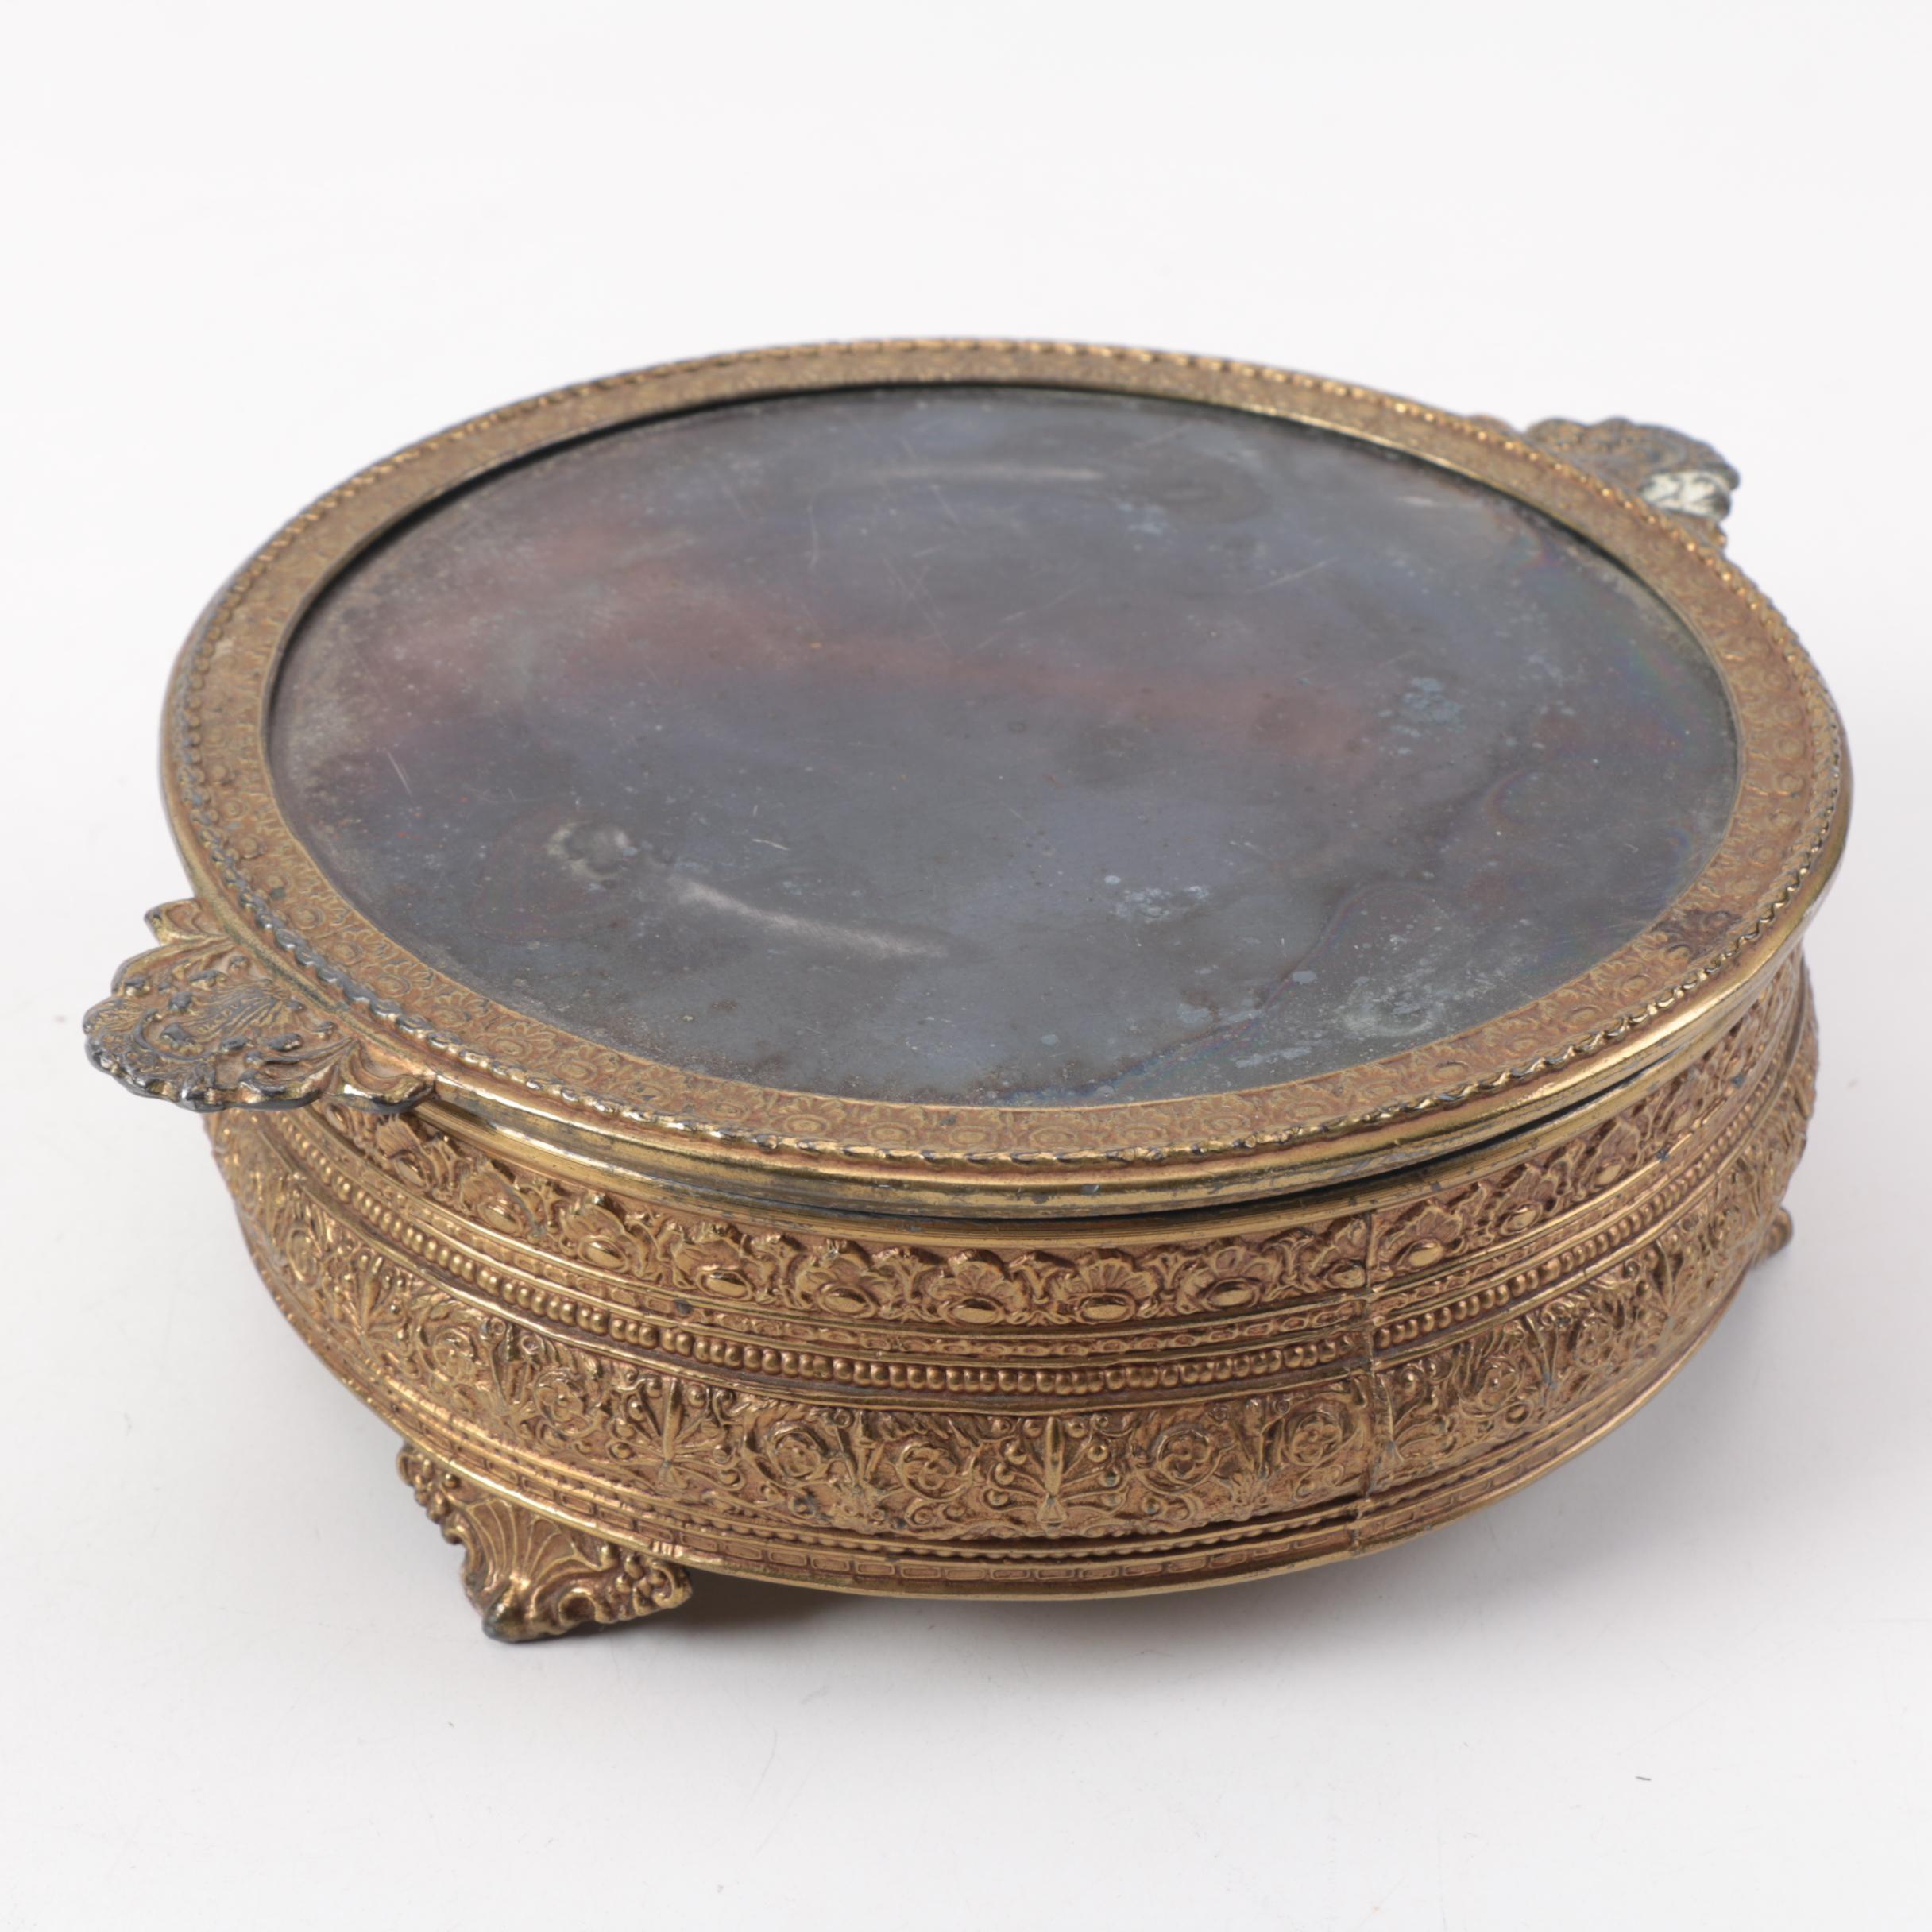 Vintage Ormulu Jewelry Casket